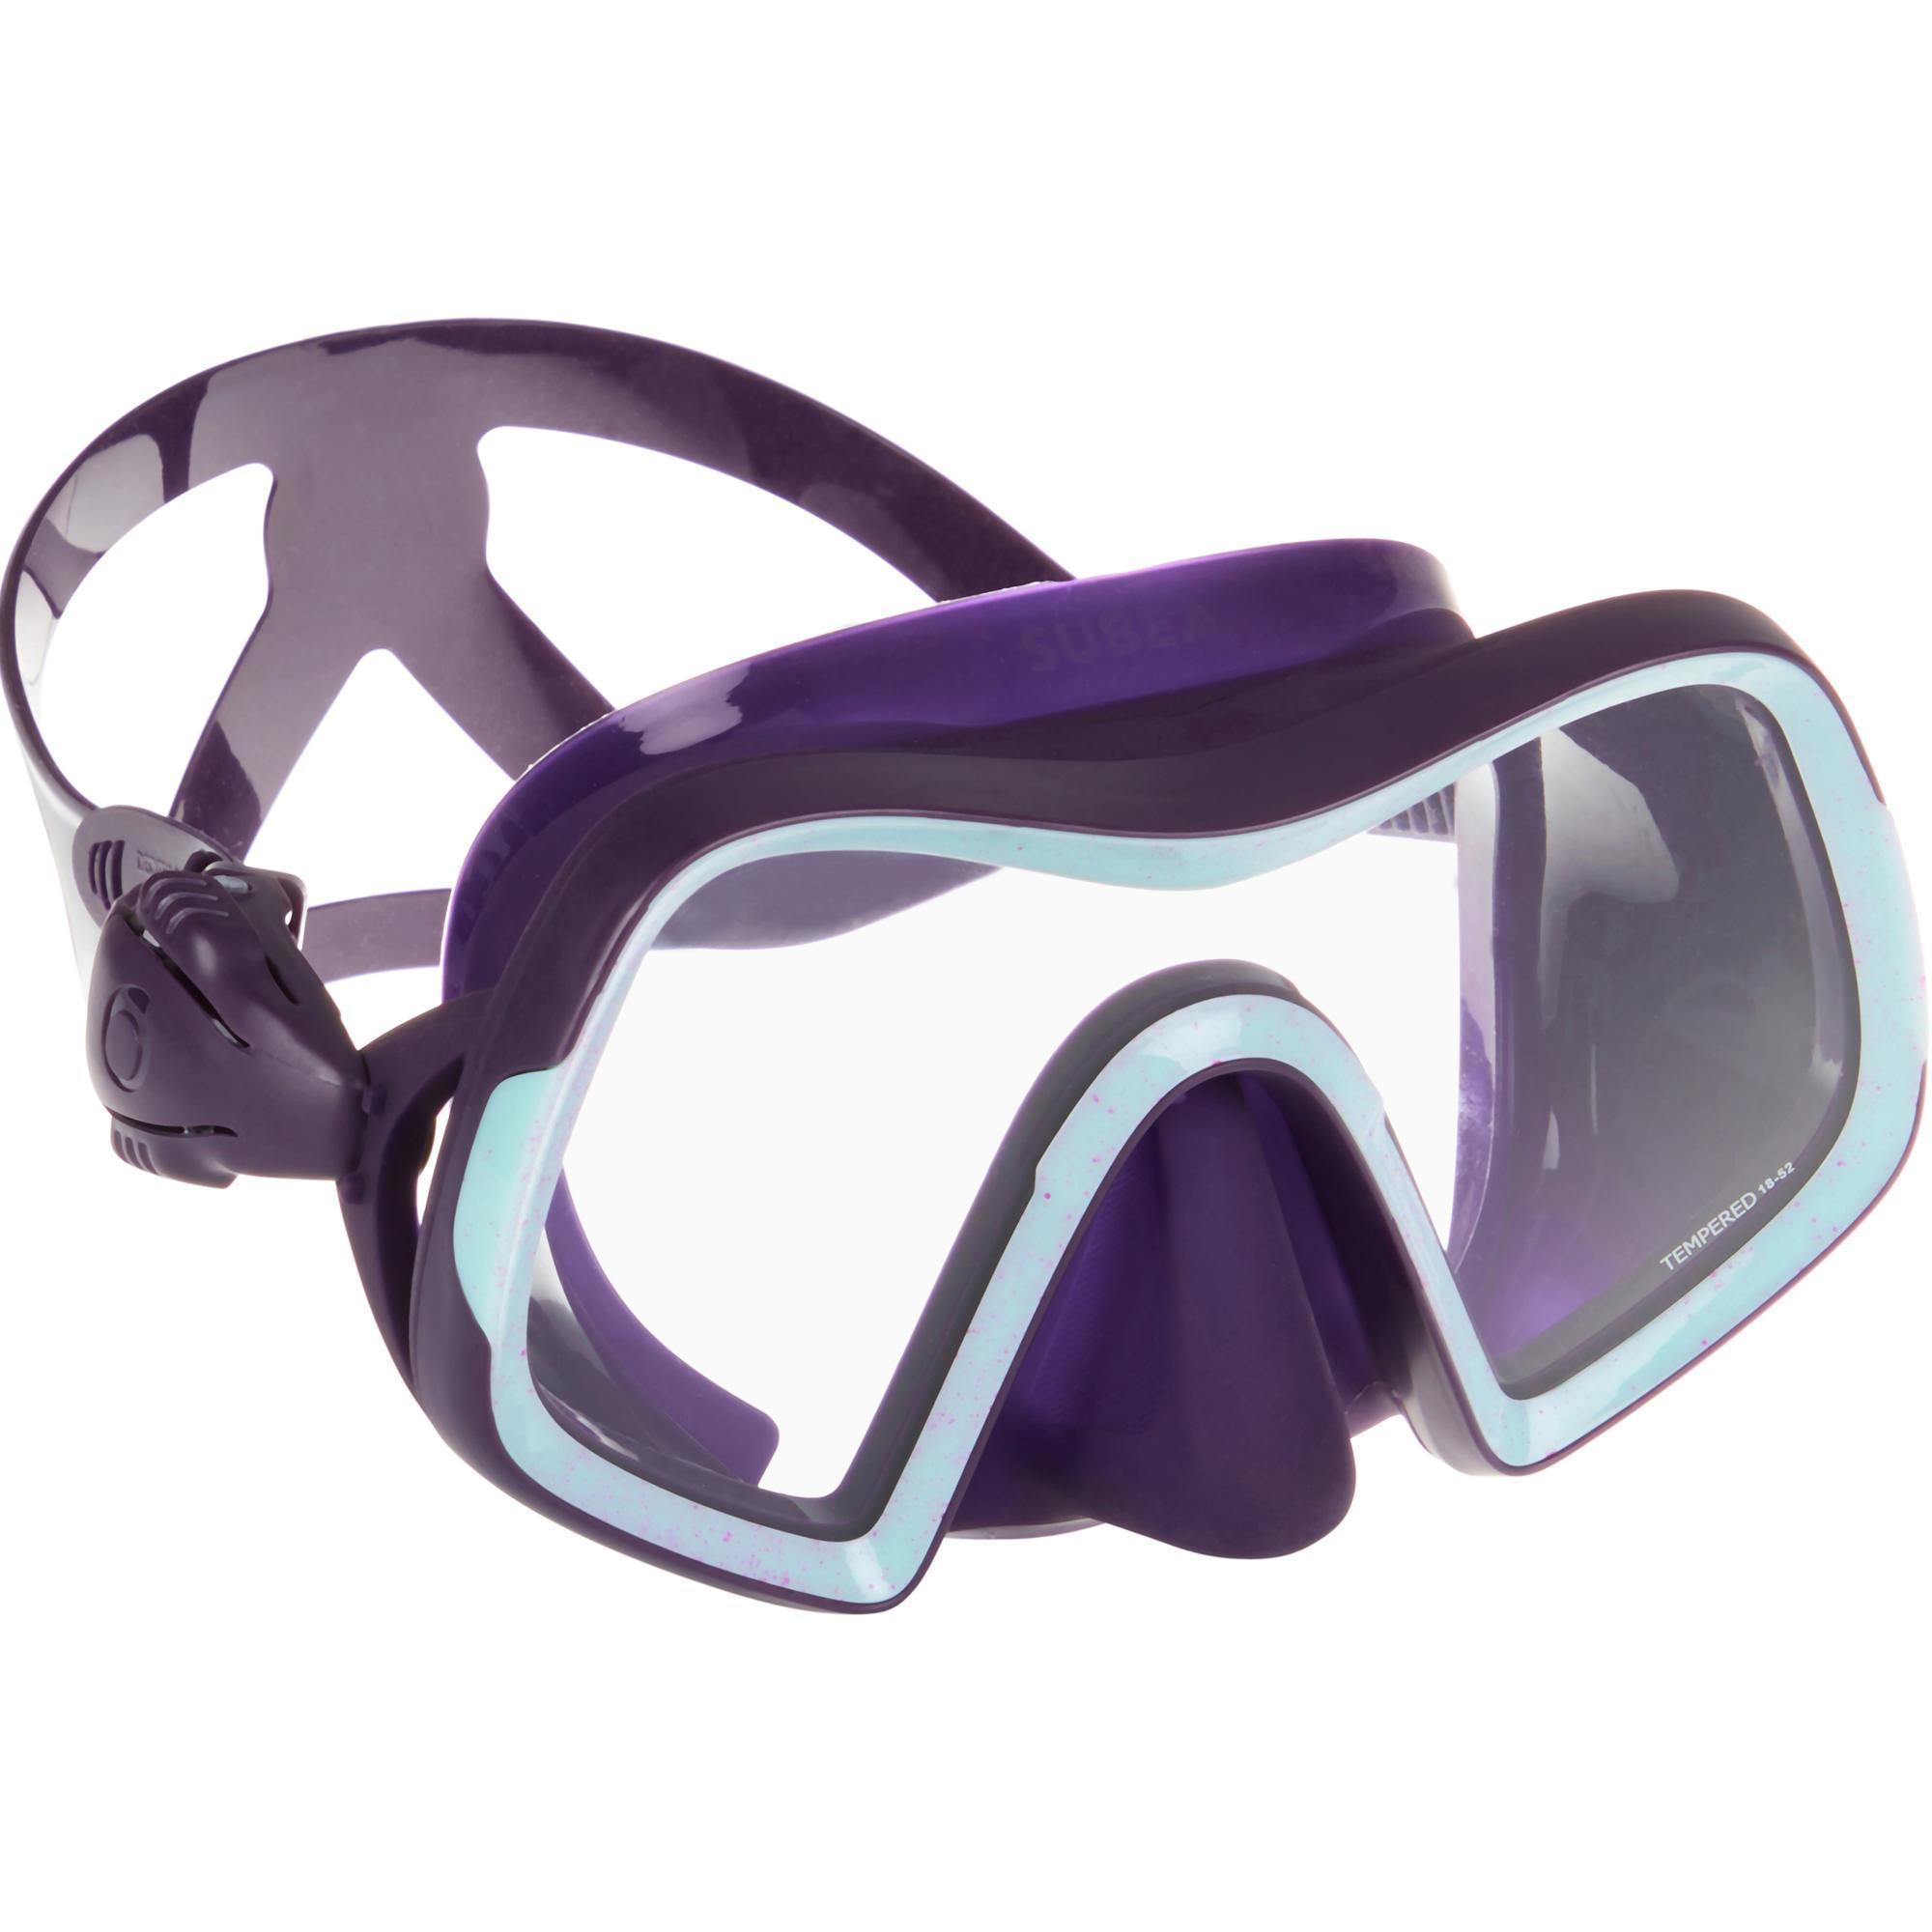 f260040464 Comprar Gafas y Máscaras de Buceo Online   Decathlon